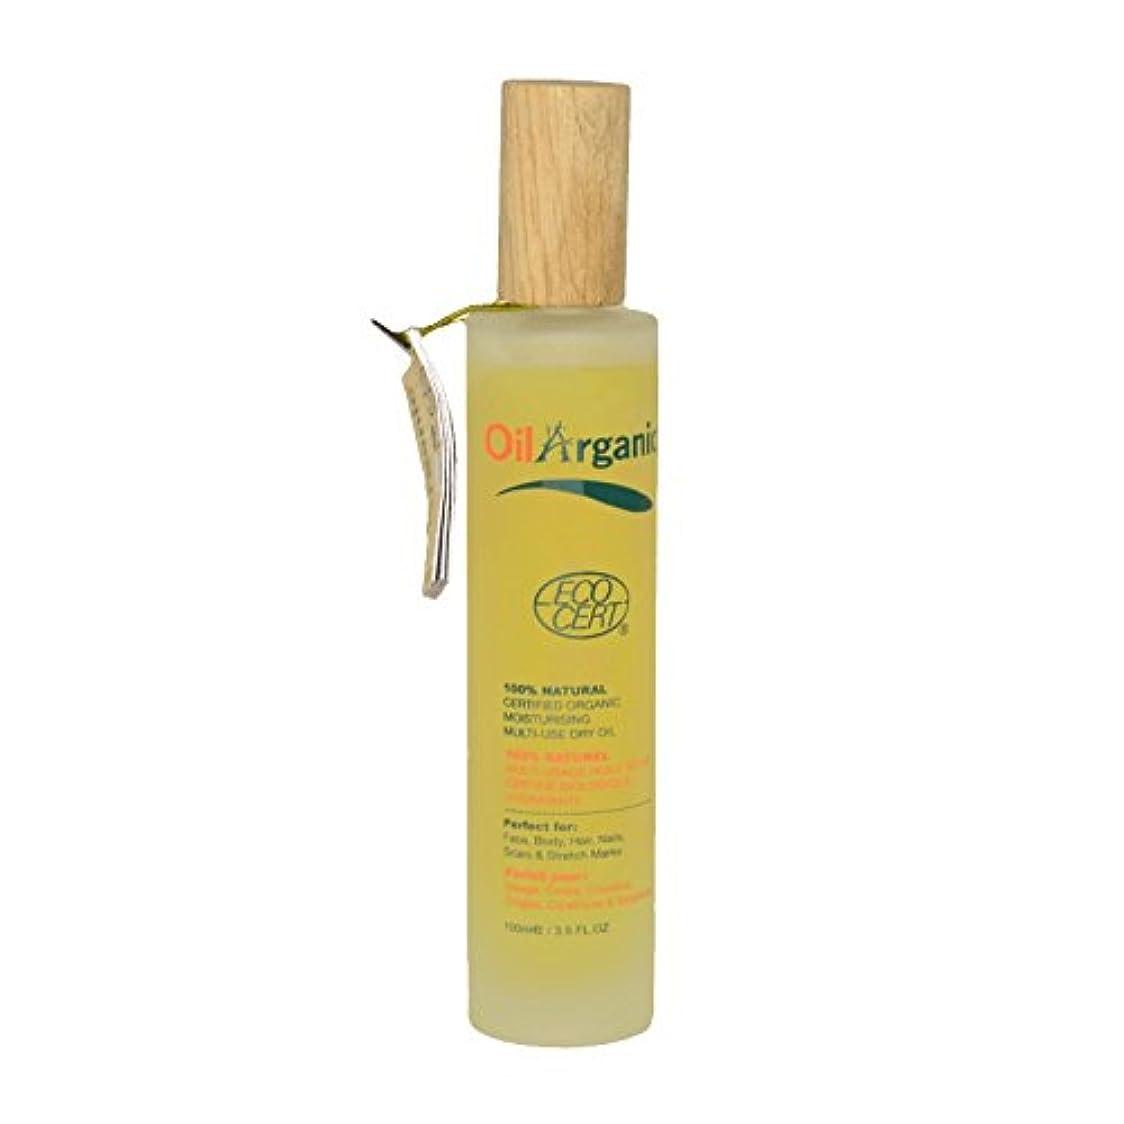 科学者ブロック批判Oilarganicマルチユース乾性油 - OilArganic Multi-Use Dry Oil (OilArganic) [並行輸入品]